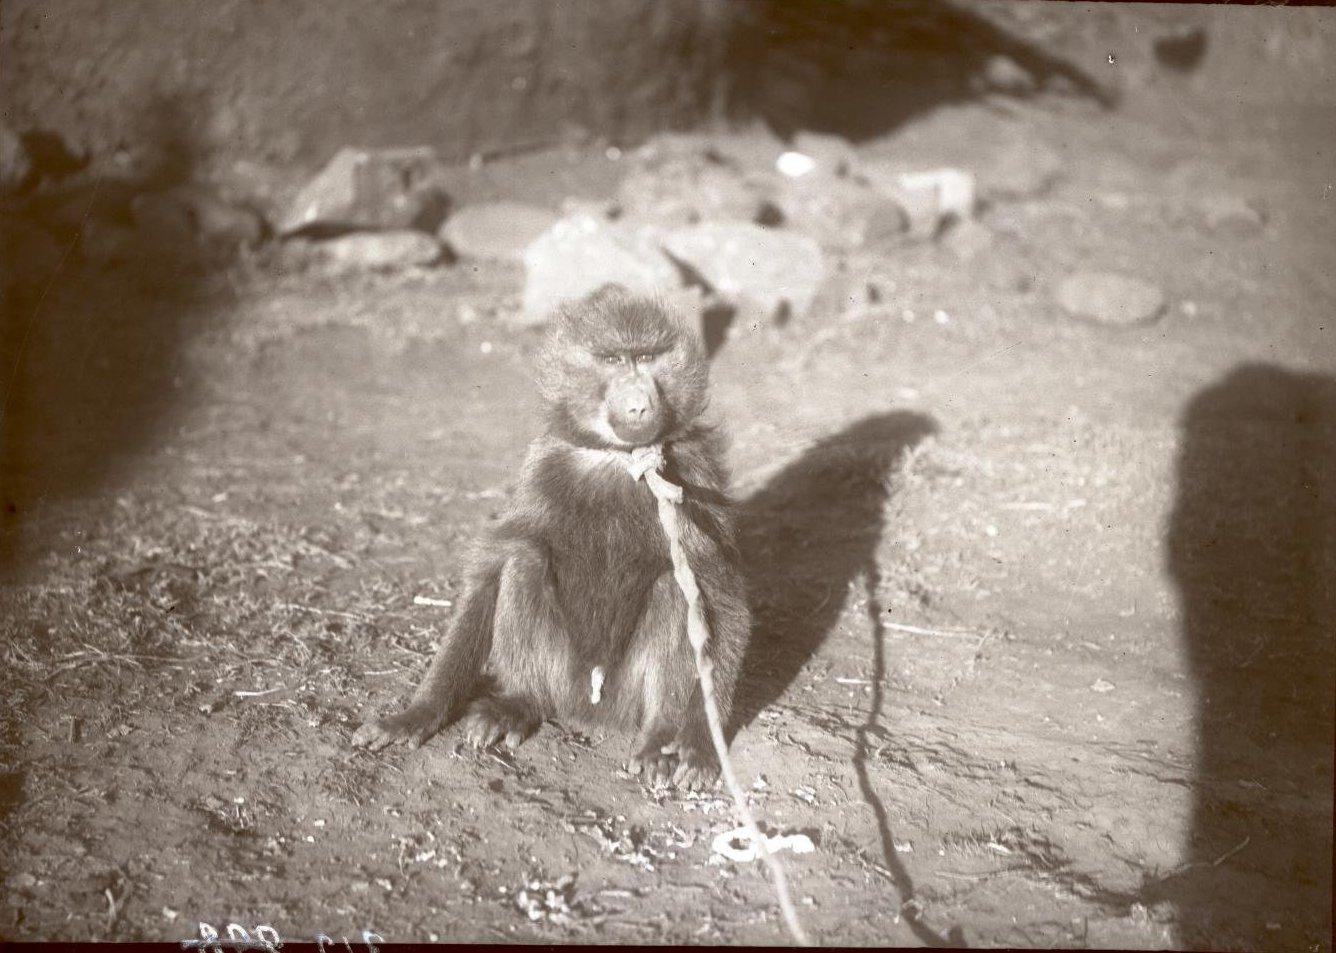 312. 1899. Абиссиния, Аддис-Абеба. Обезъянка